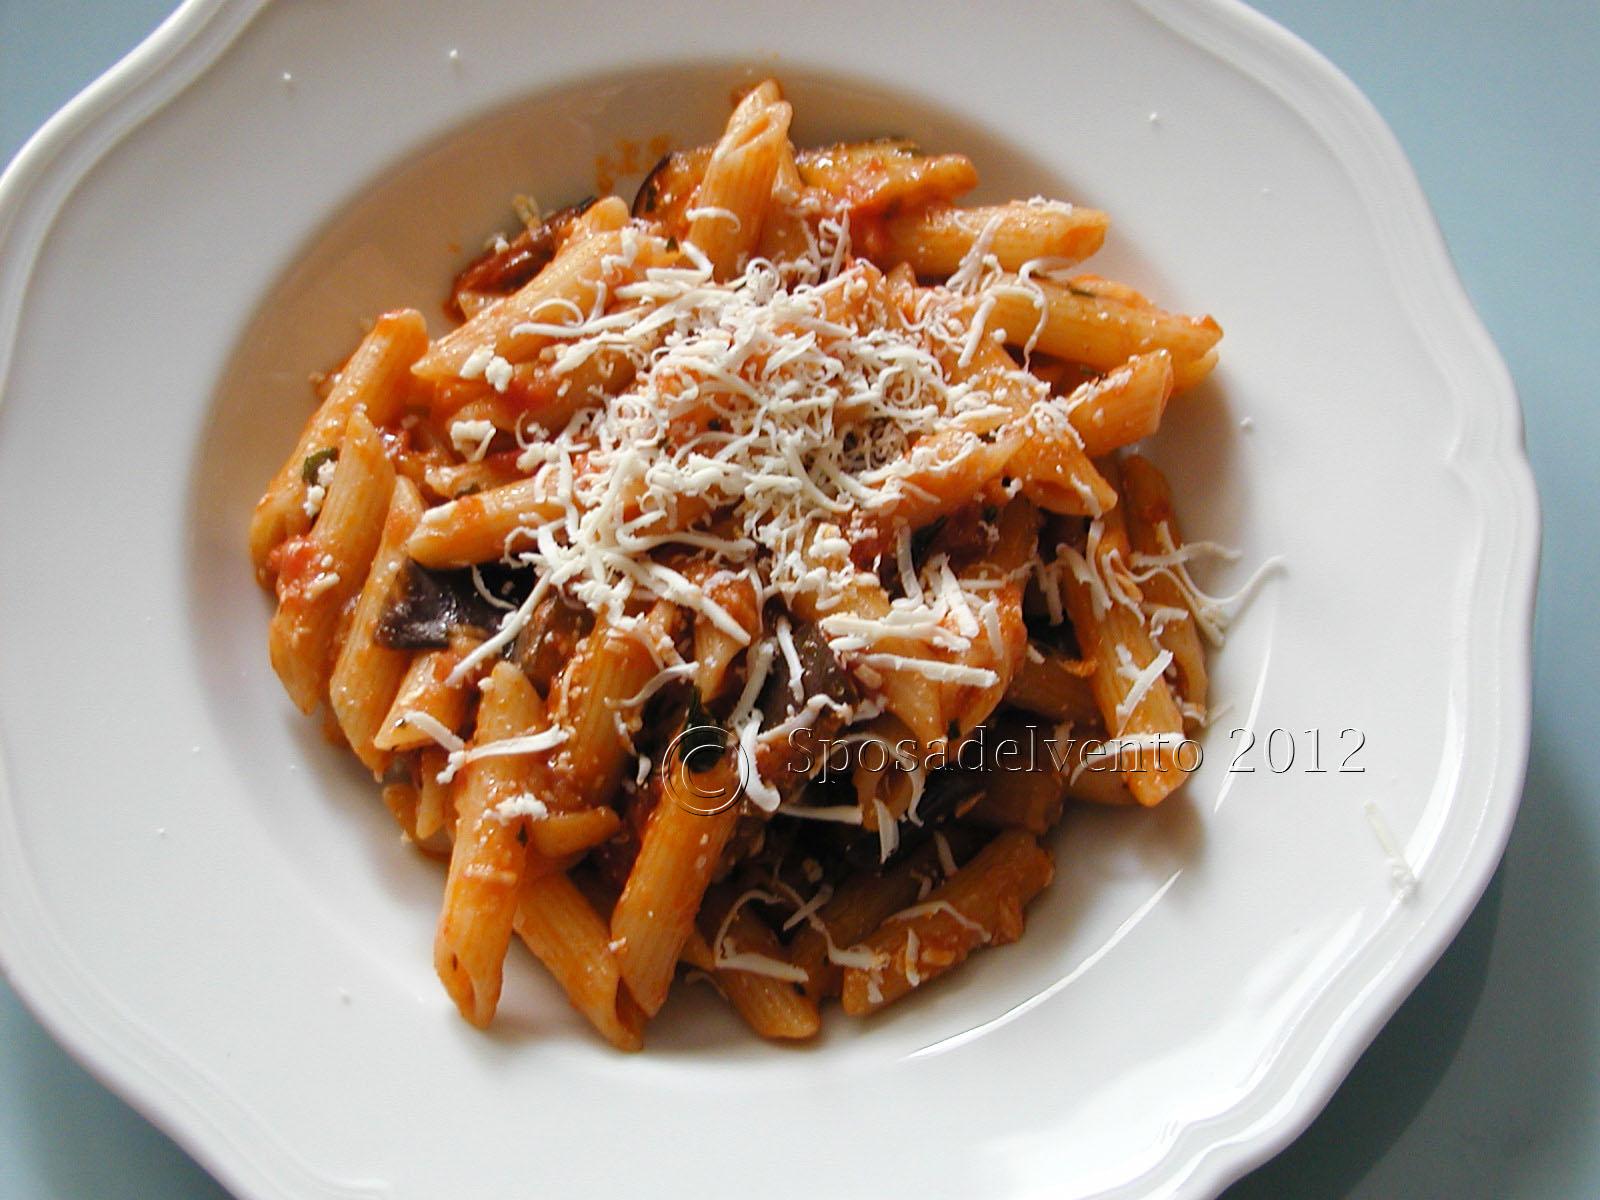 spaghetti alla carbonara pasta alla vodka pasta alla marlboro man new ...